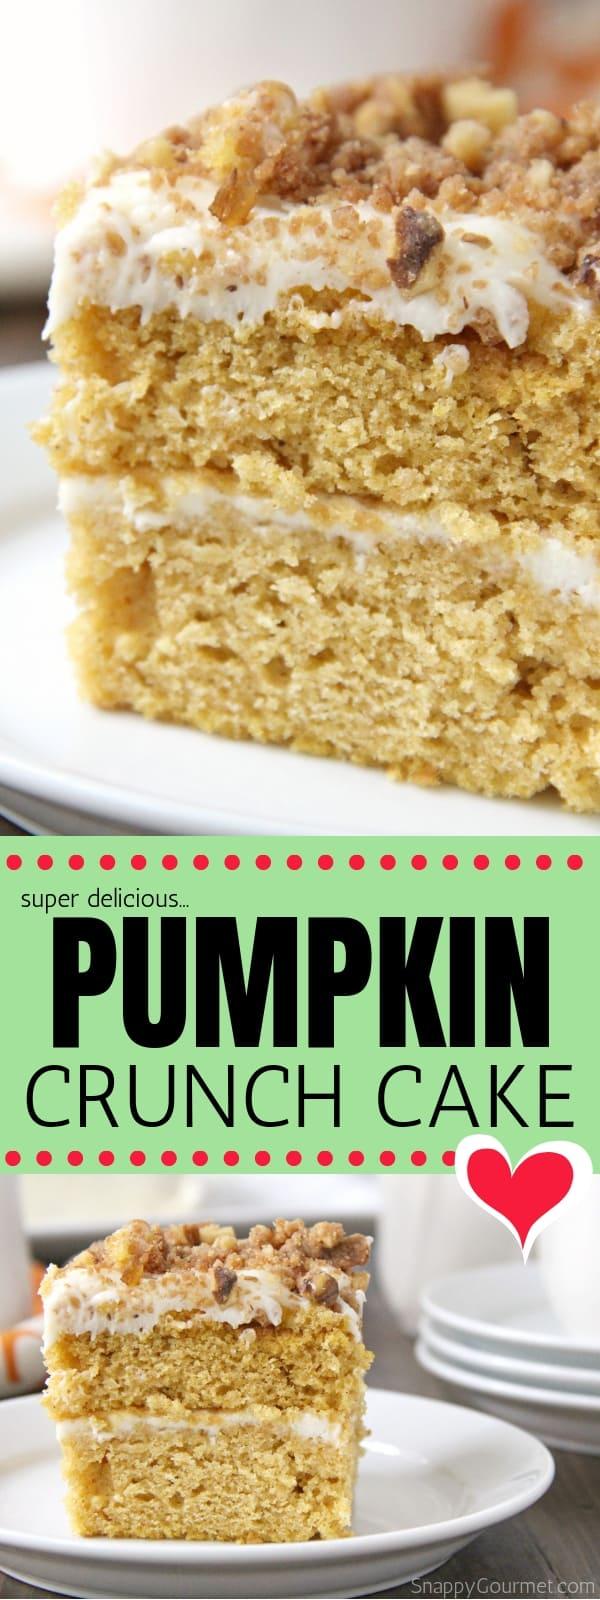 Pumpkin Crunch Cake collage